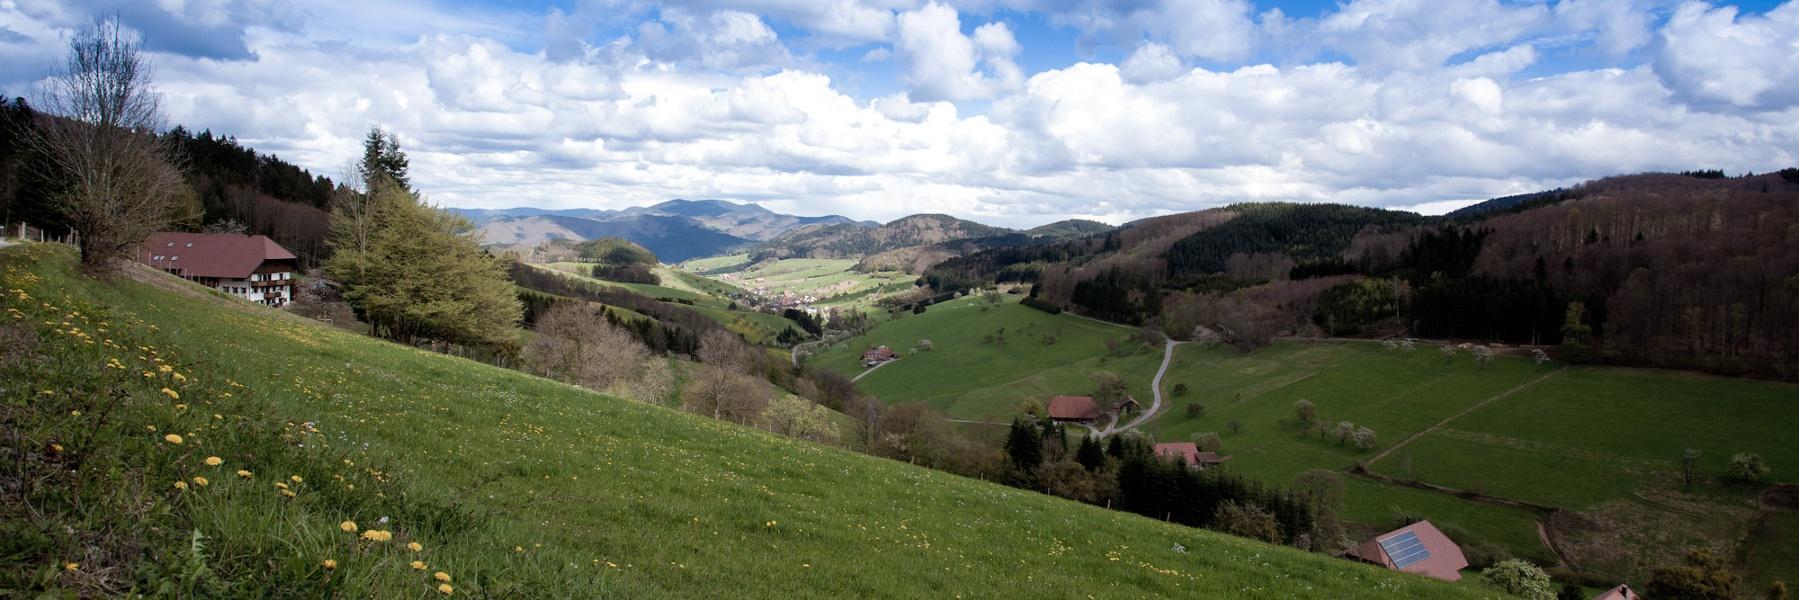 Waldwirtschaft am Kandelhöhenweg